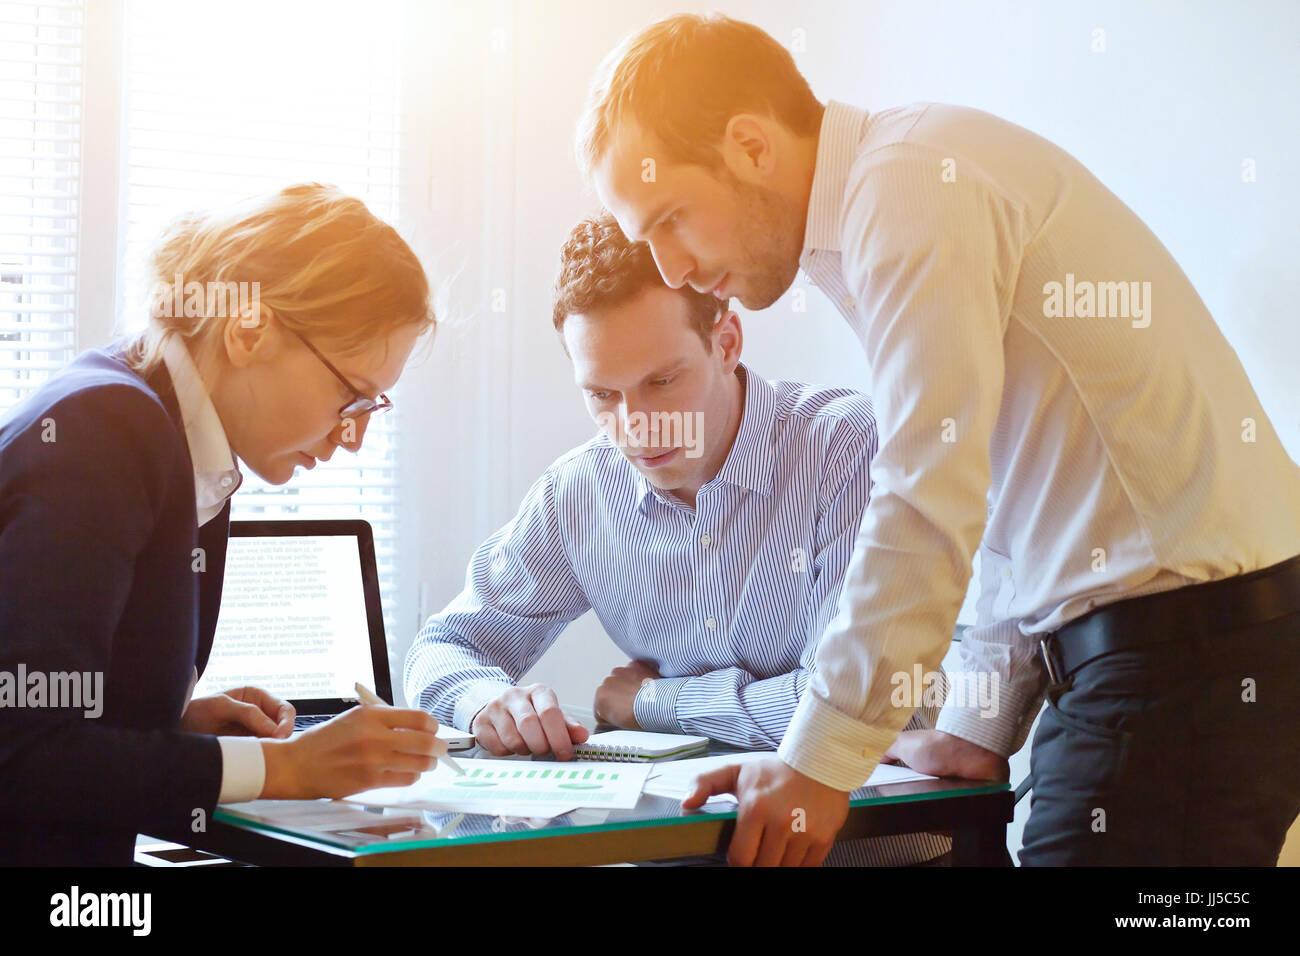 Il brainstorming, il lavoro di squadra concetto, business team che lavora su un progetto, occupato caucasian persone Immagini Stock